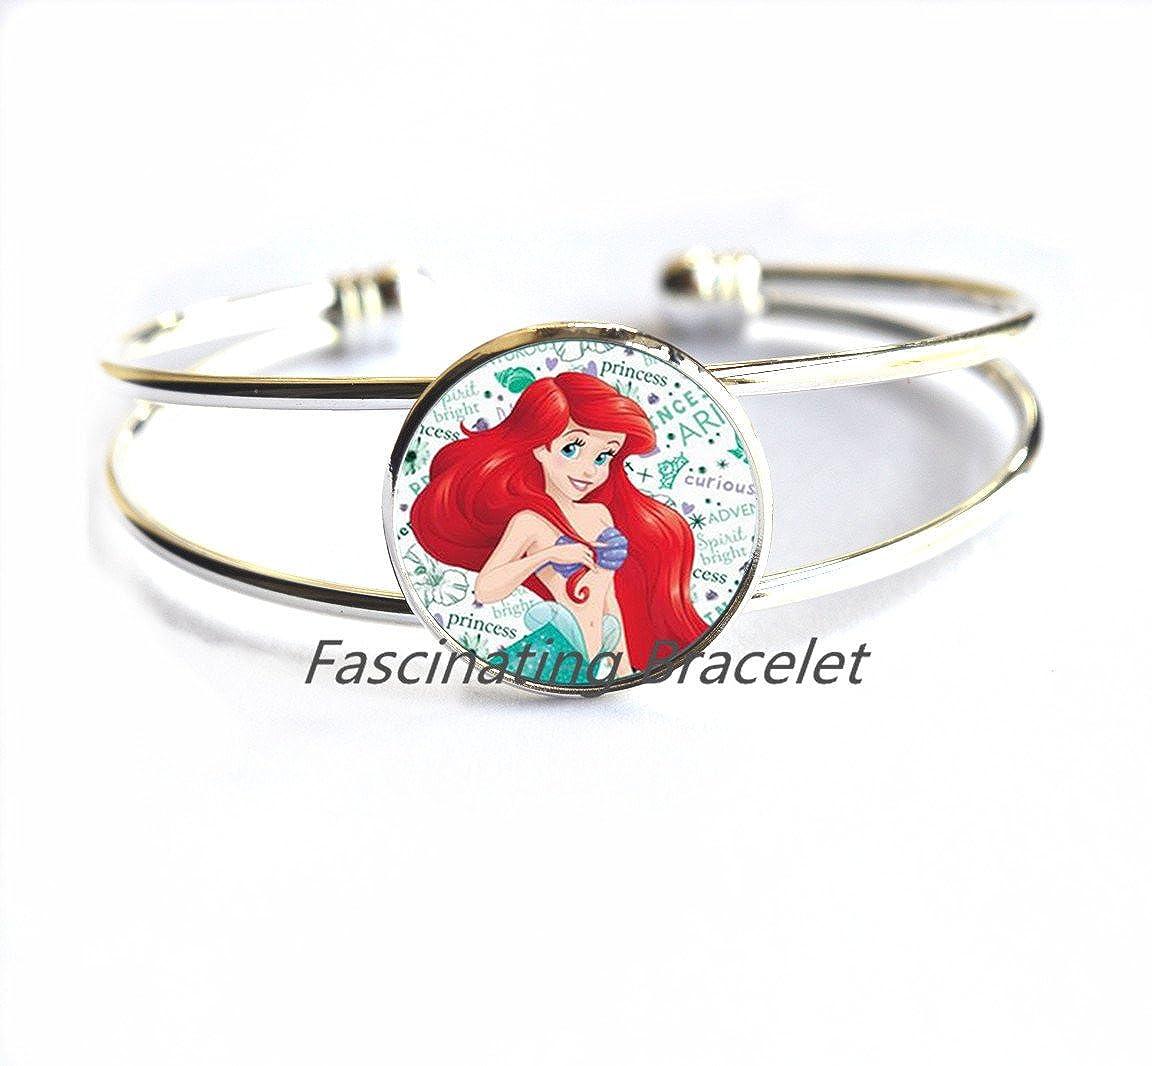 Mermaid Bracelet Round Glass Bracelets Jewelry Mermaids Braceletss Bracelets Gifts Women,Art Bracelets Mermaid Jewelry,AQ109